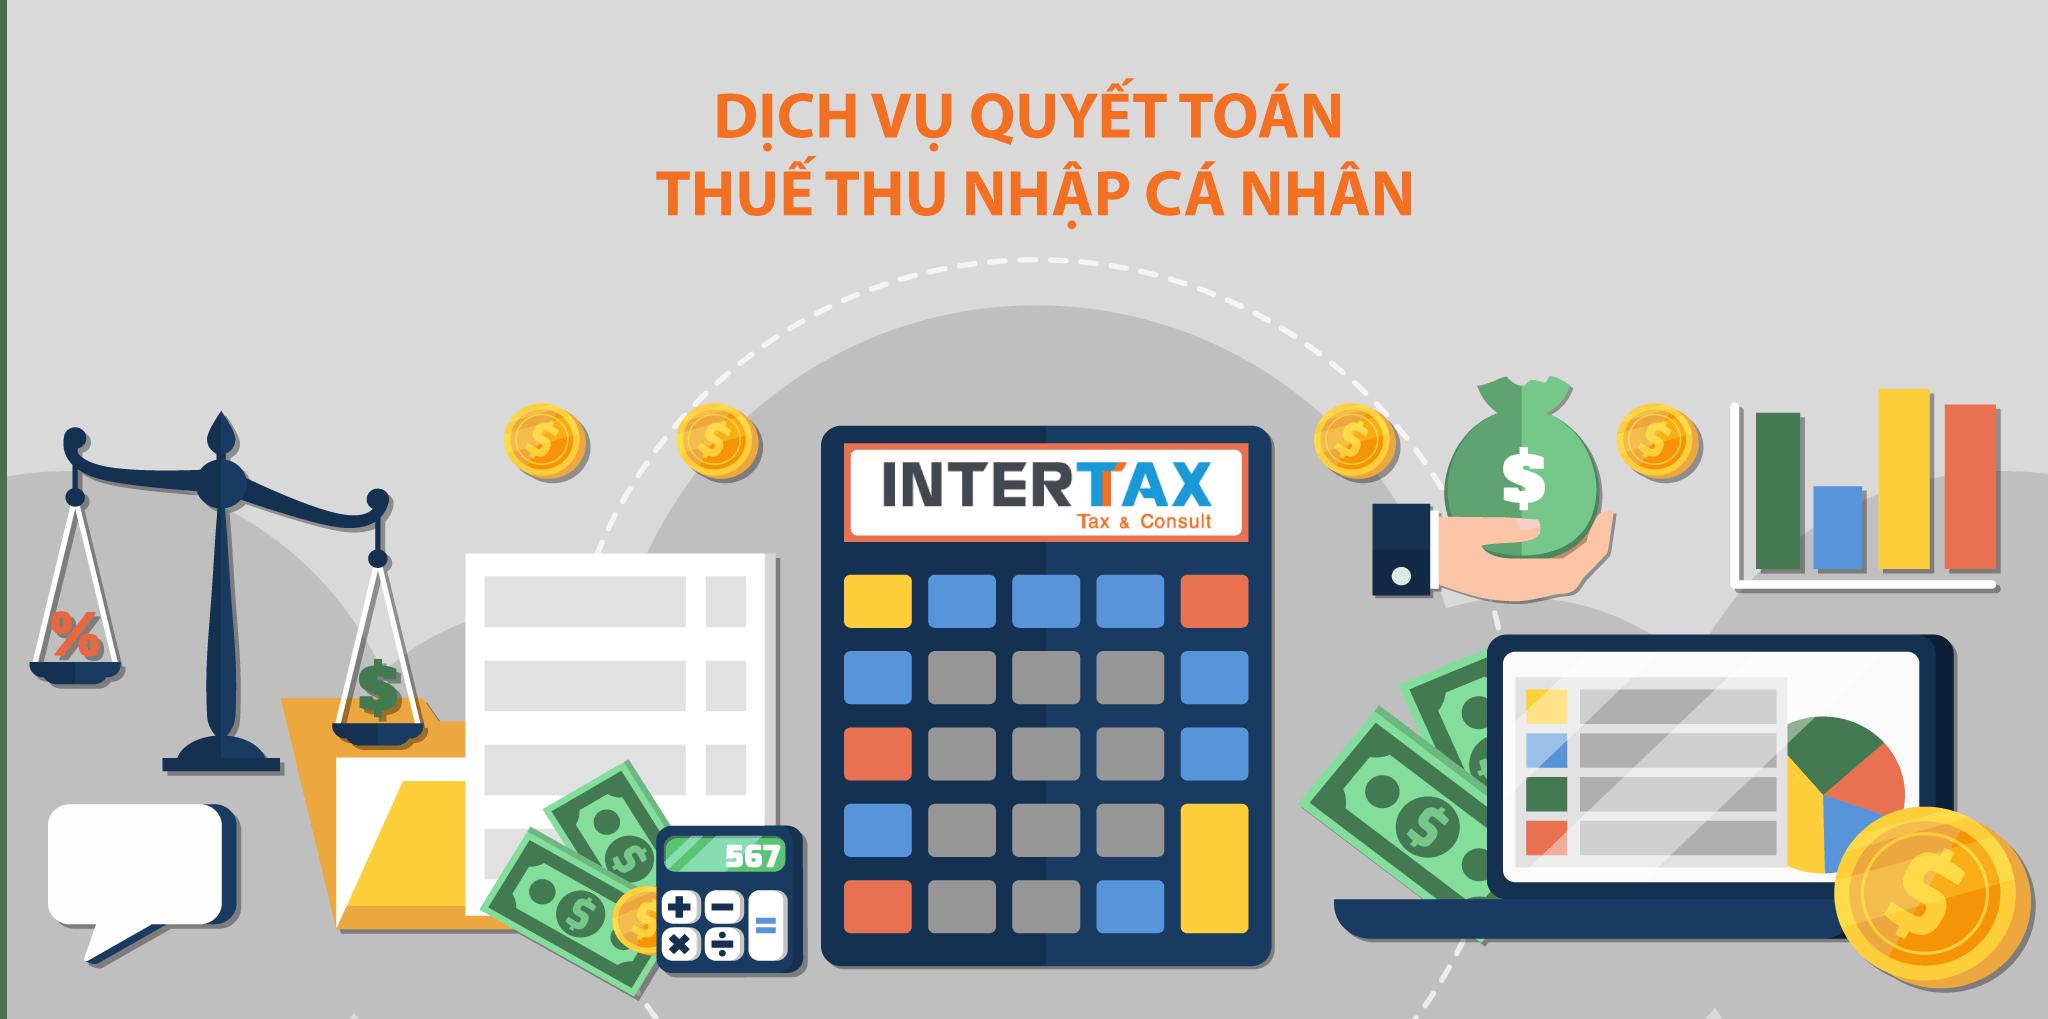 23 câu hỏi về quyết toán thuế thu nhập cá nhân năm 2018 4 - INTERTAX